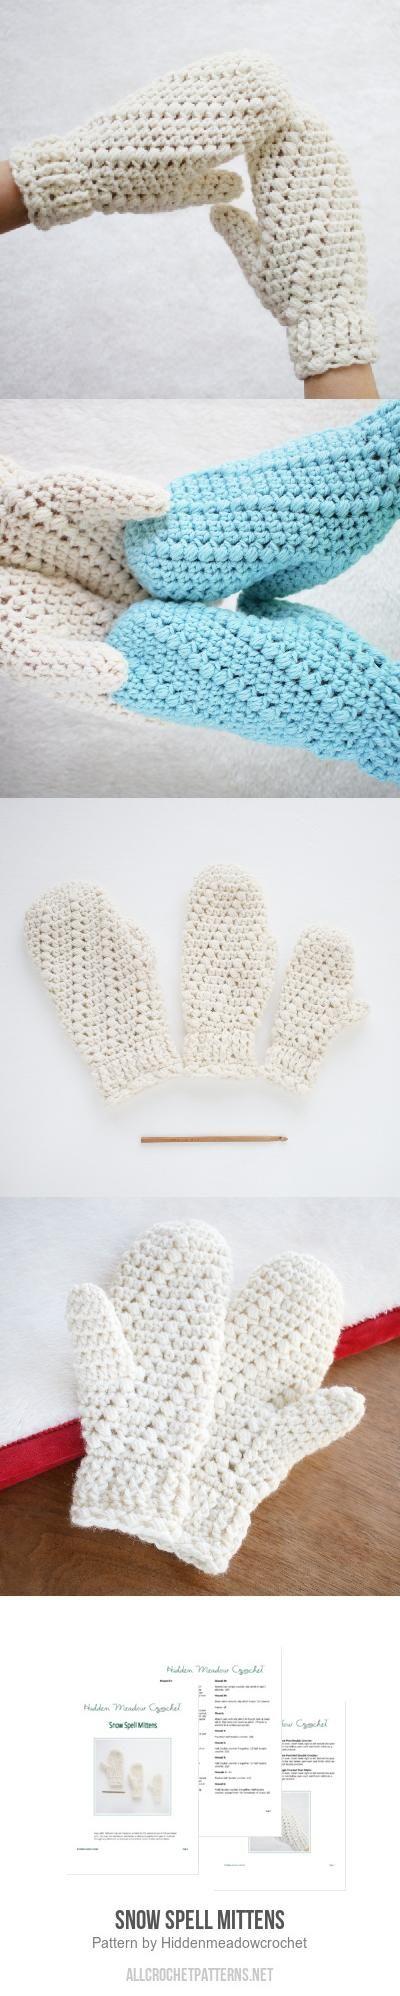 Snow Spell Mittens crochet pattern by Hidden Meadow Crochet ...